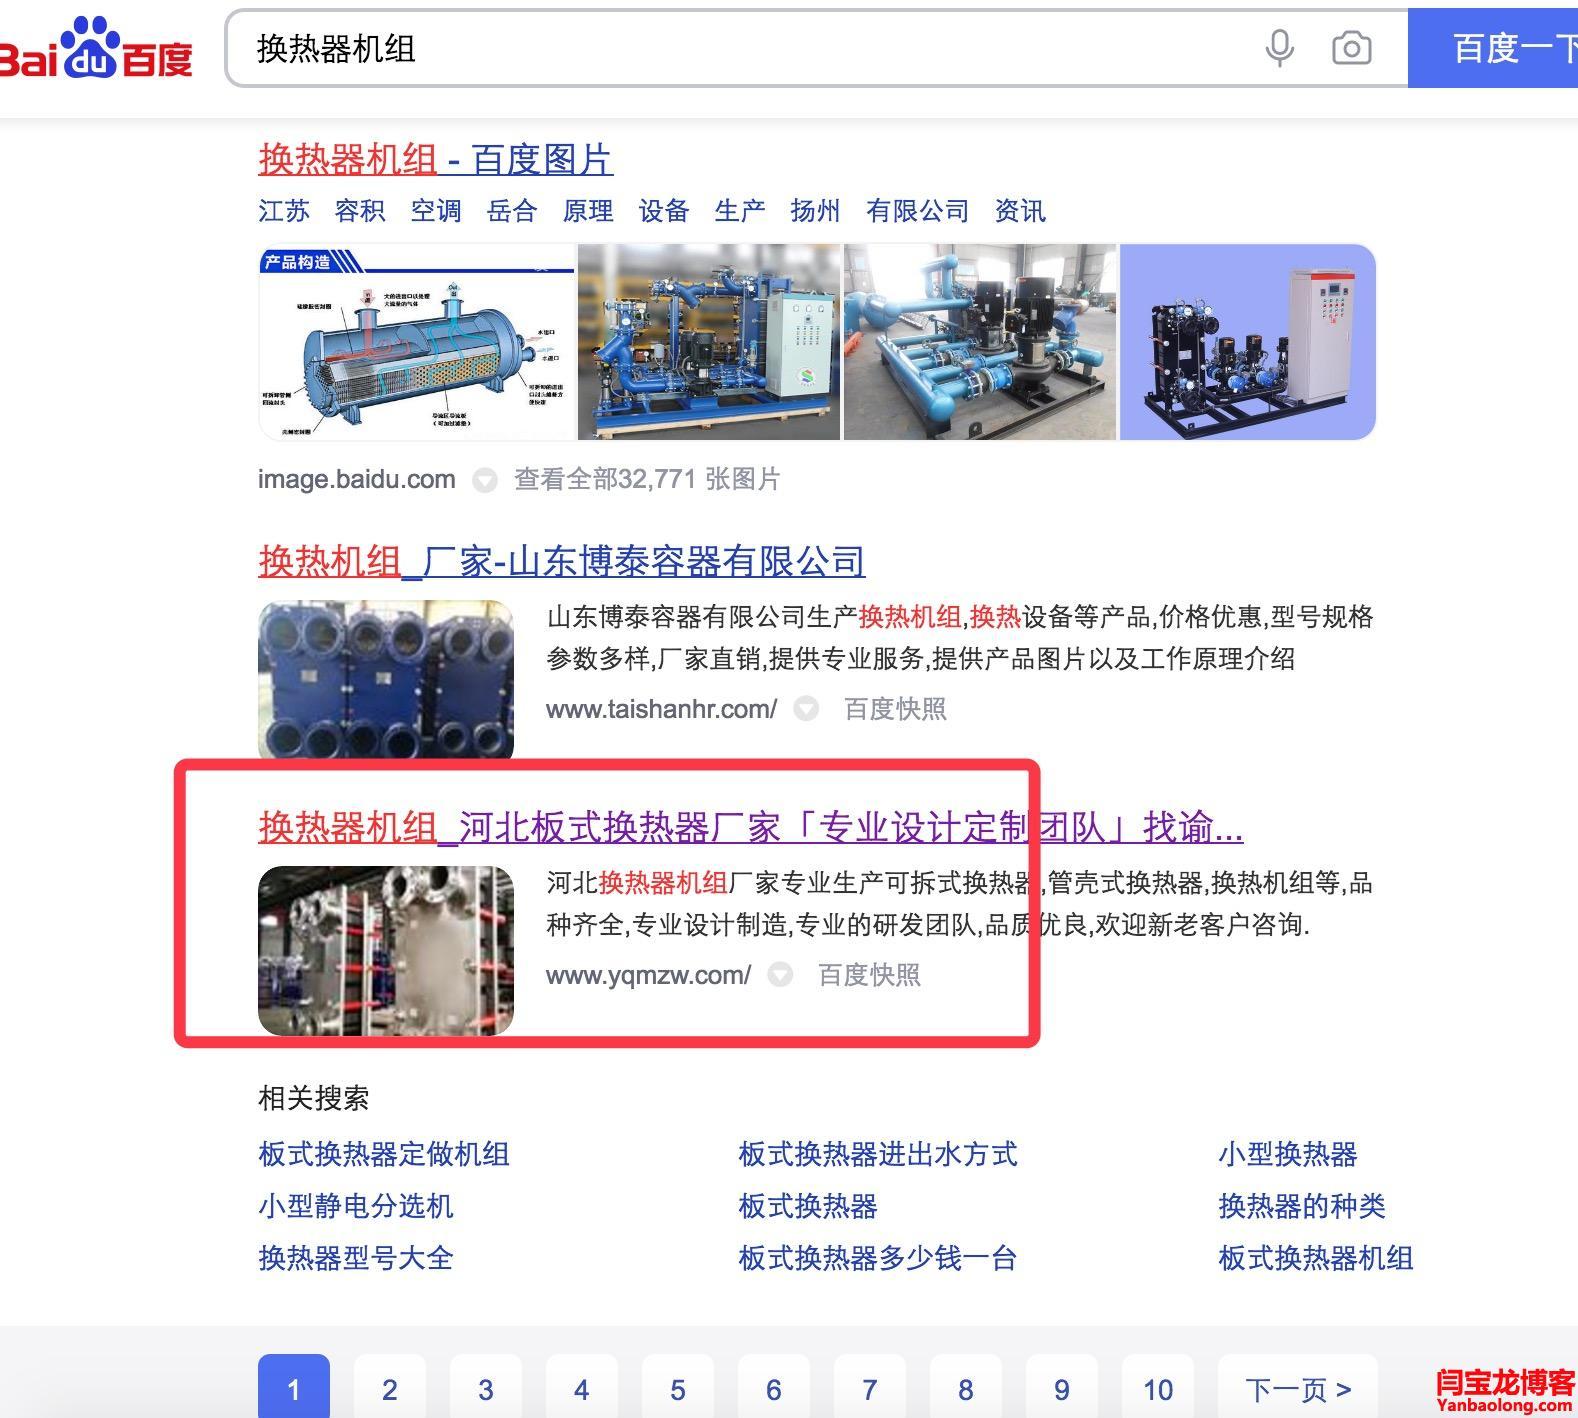 换热器机组裸词在富海做seo优化排名首页